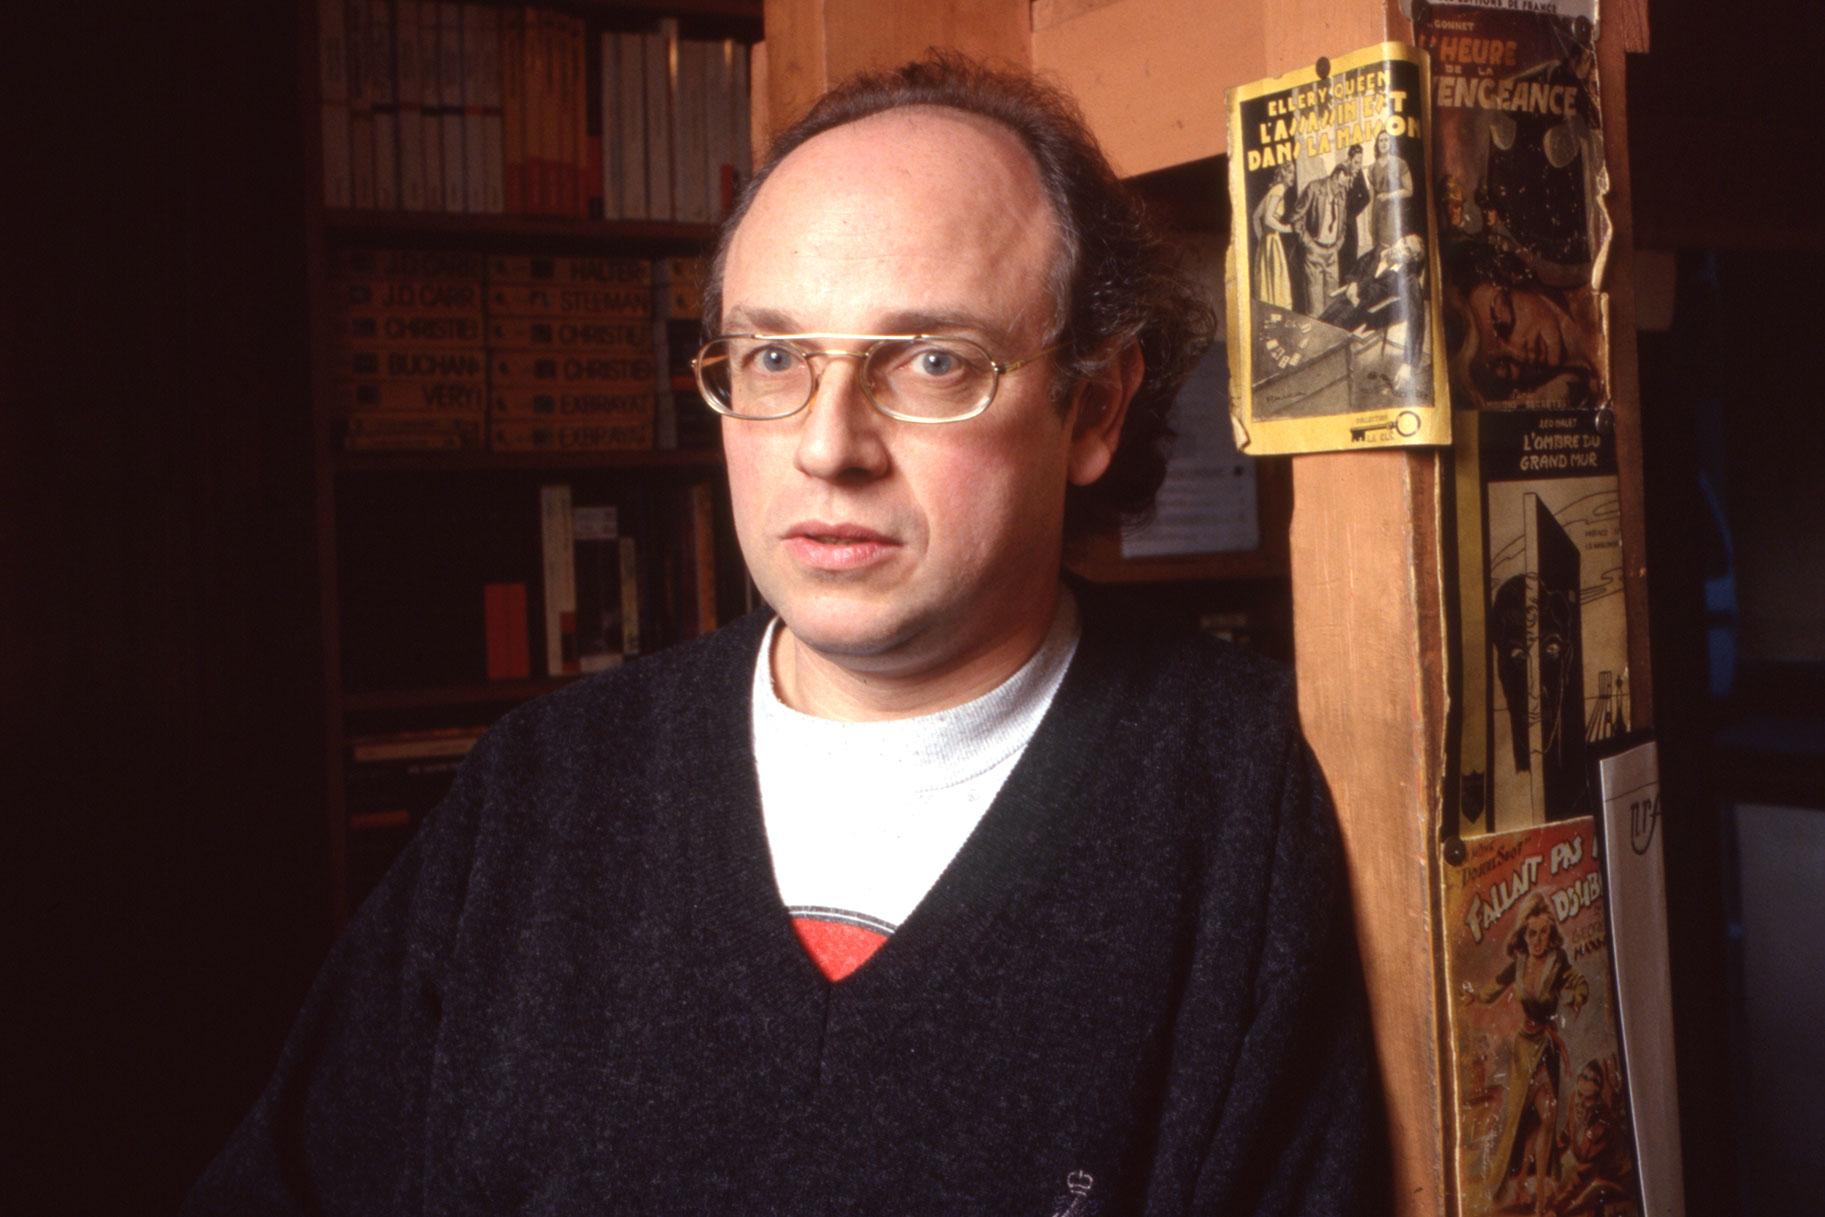 Ο Γάλλος εμπειρογνώμονας Serial Killer παραδέχεται ότι είναι ένας σειριακός ψεύτης, ακόμη και αποτελεί τη δολοφονία της «συζύγου του»